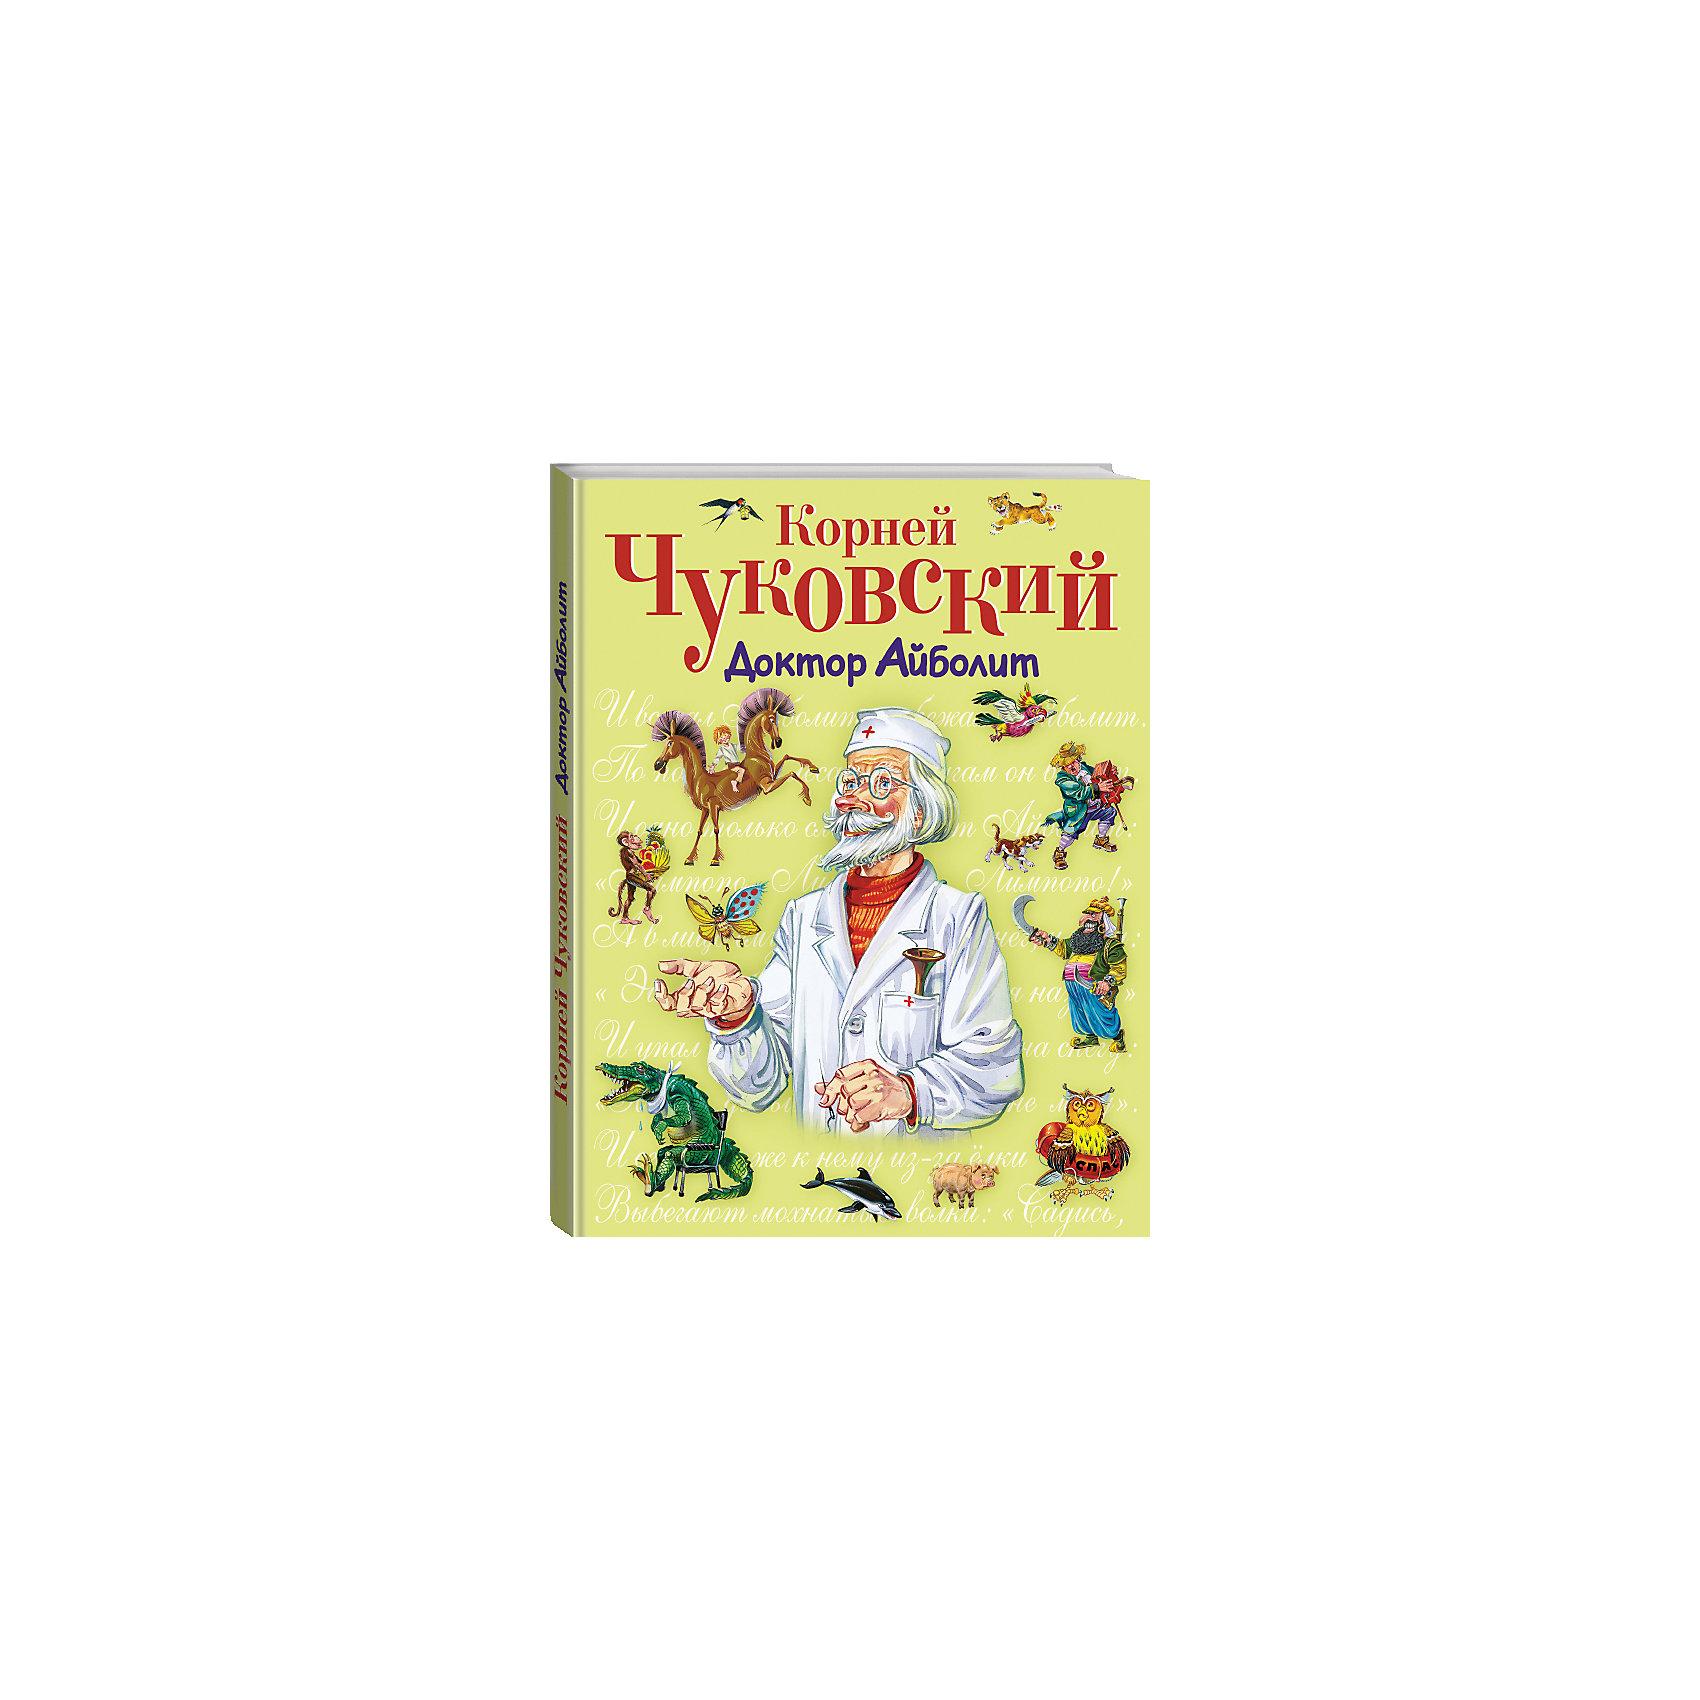 Эксмо Доктор Айболит, К. Чуковский айболит чуковский к и